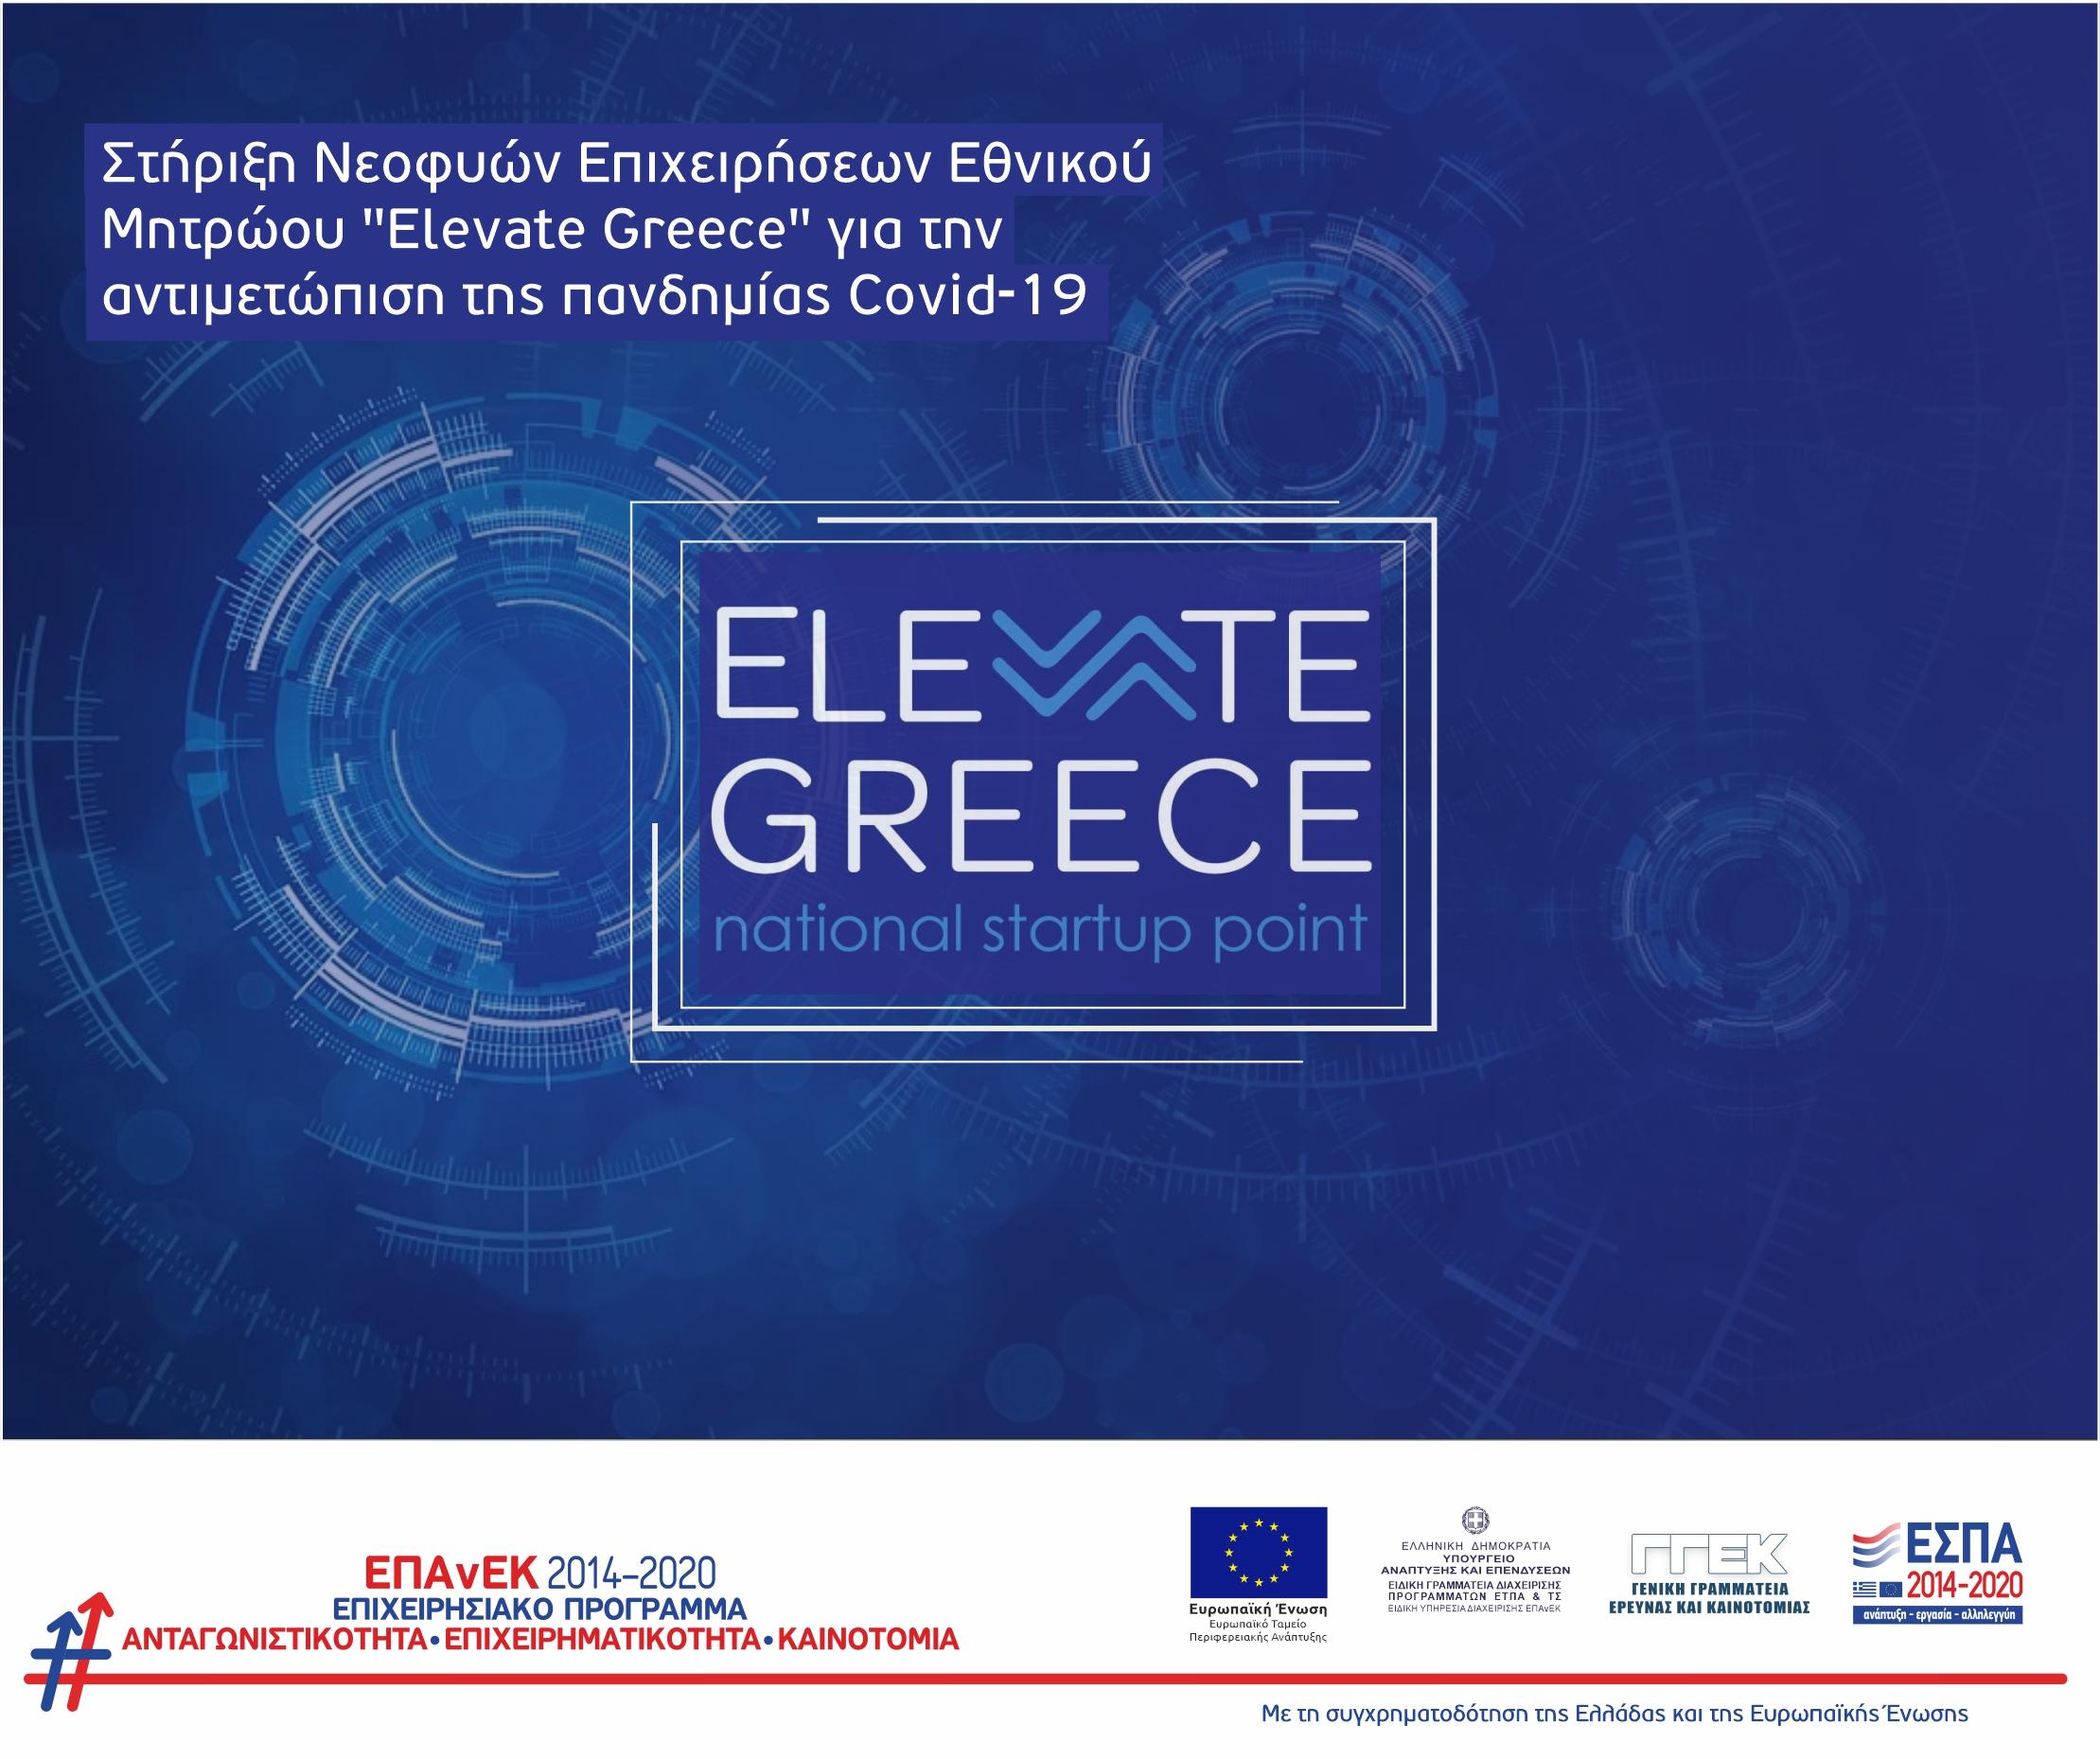 Παράταση υποβολής αιτήσεων χρηματοδότησης στη Δράση ''Στήριξη Νεοφυών Επιχειρήσεων Εθνικού Μητρώου «Elevate Greece» για την αντιμετώπιση της πανδημίας Covid-19''